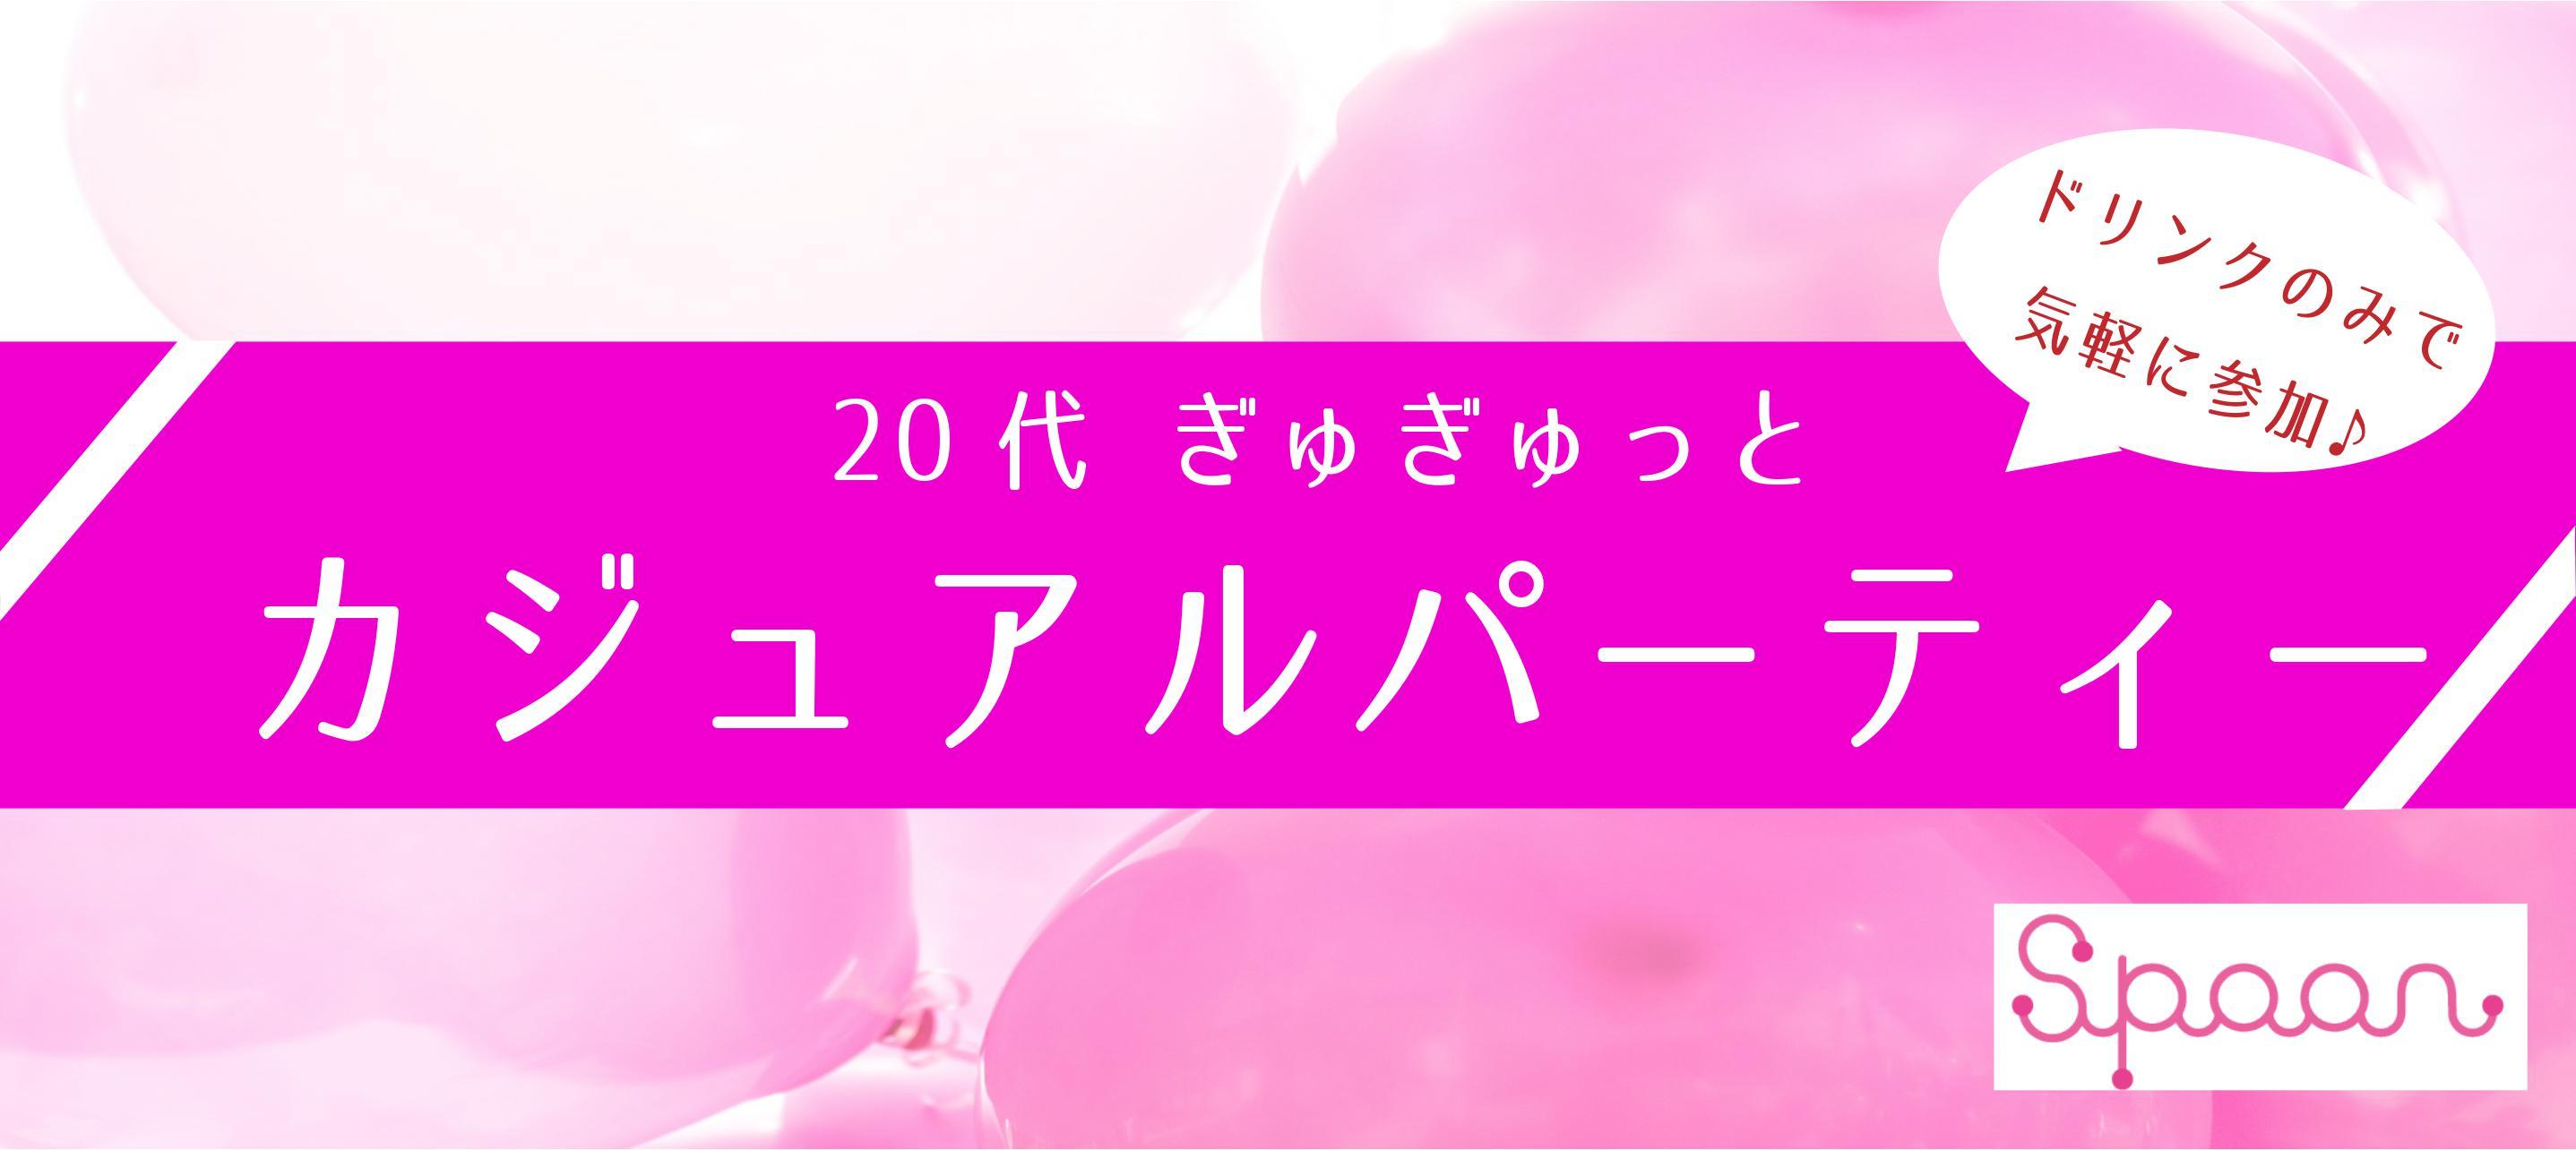 【年の差ギュギュッとが嬉しい♪】20代カジュアルパーティー